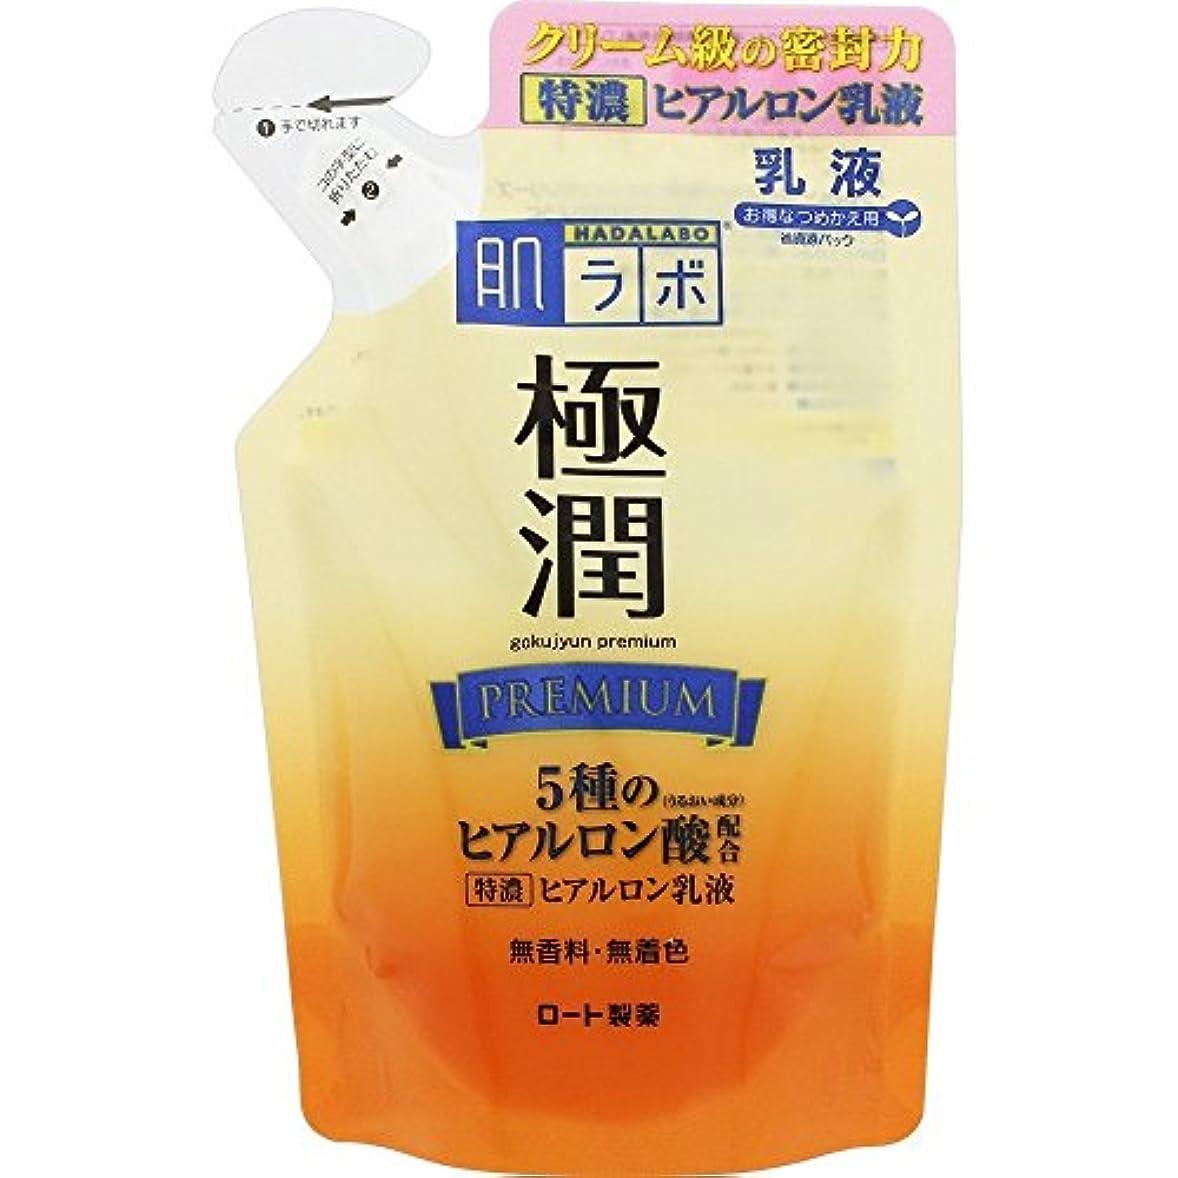 疲れた書誌リズミカルな肌ラボ 極潤プレミアム ヒアルロン乳液 <つめかえ用> 140mL